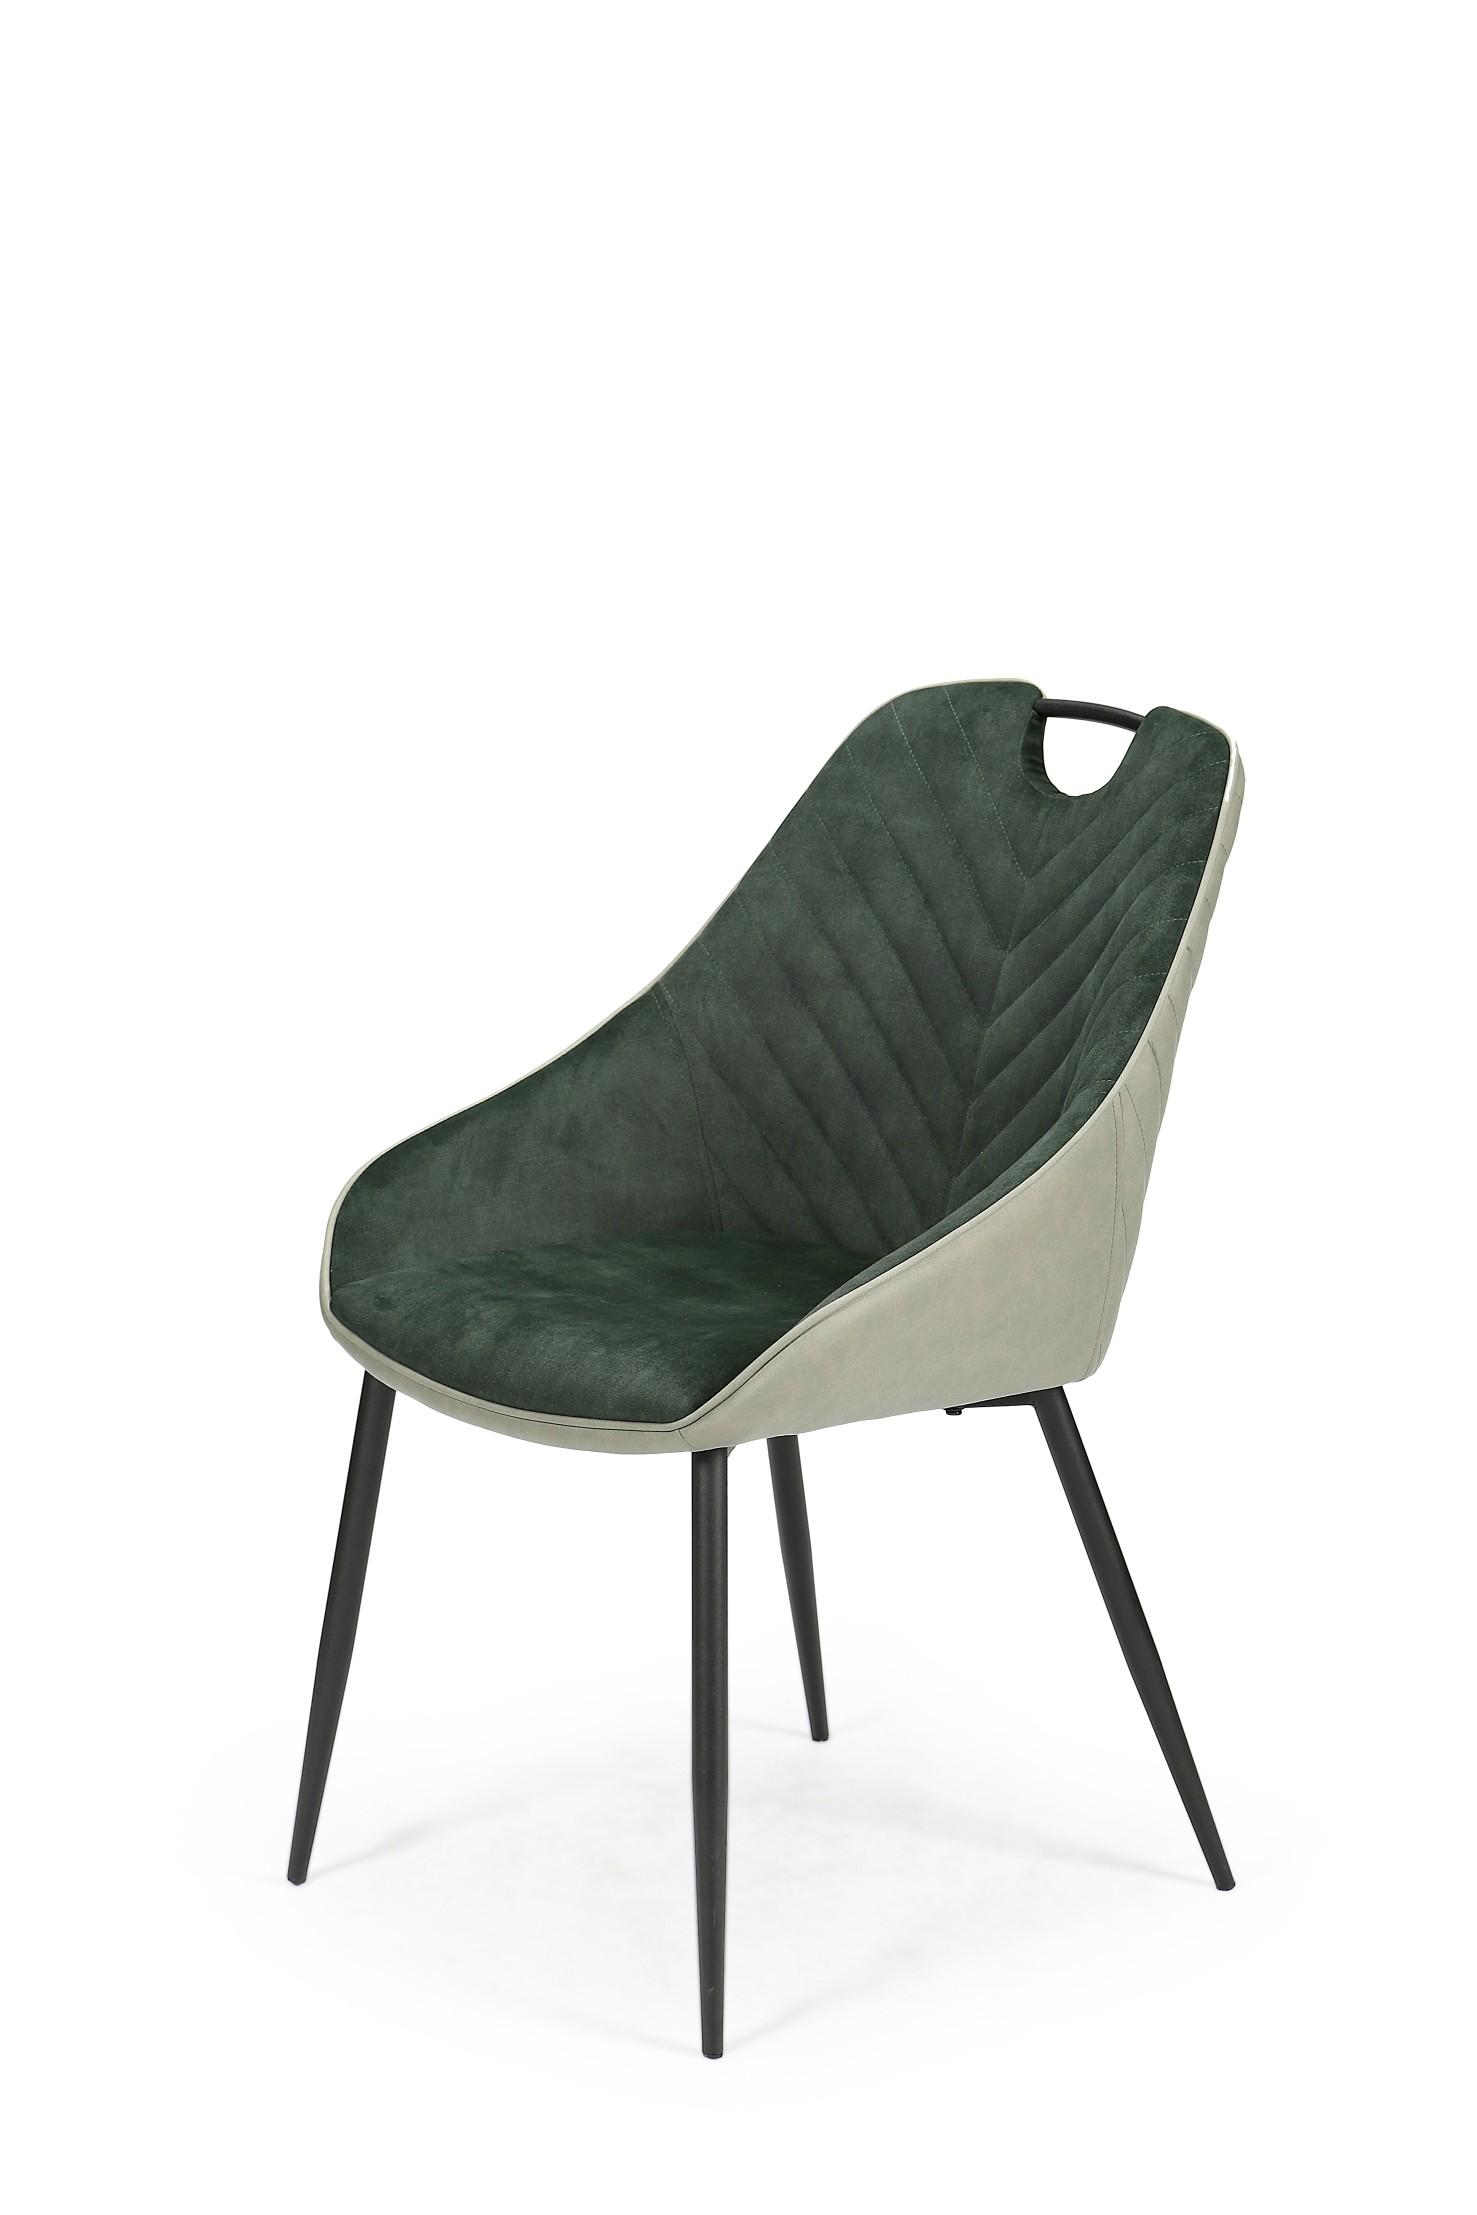 K412 stolička tmavo zelená / svetlo zelená